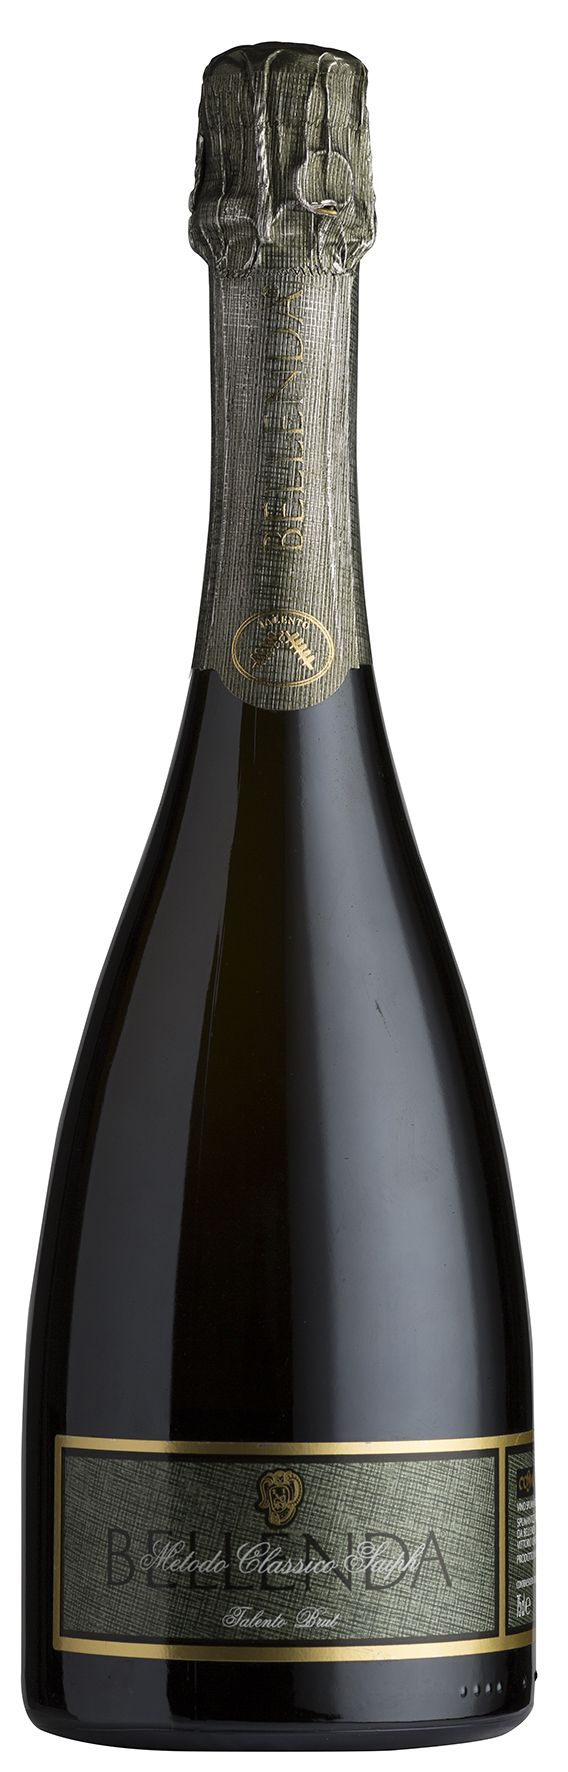 """Metodo Classico """"Saiph"""" - Bellenda  #winelabel #winedesign #italianwine #Francescon #Collodi #francesconcollodi"""